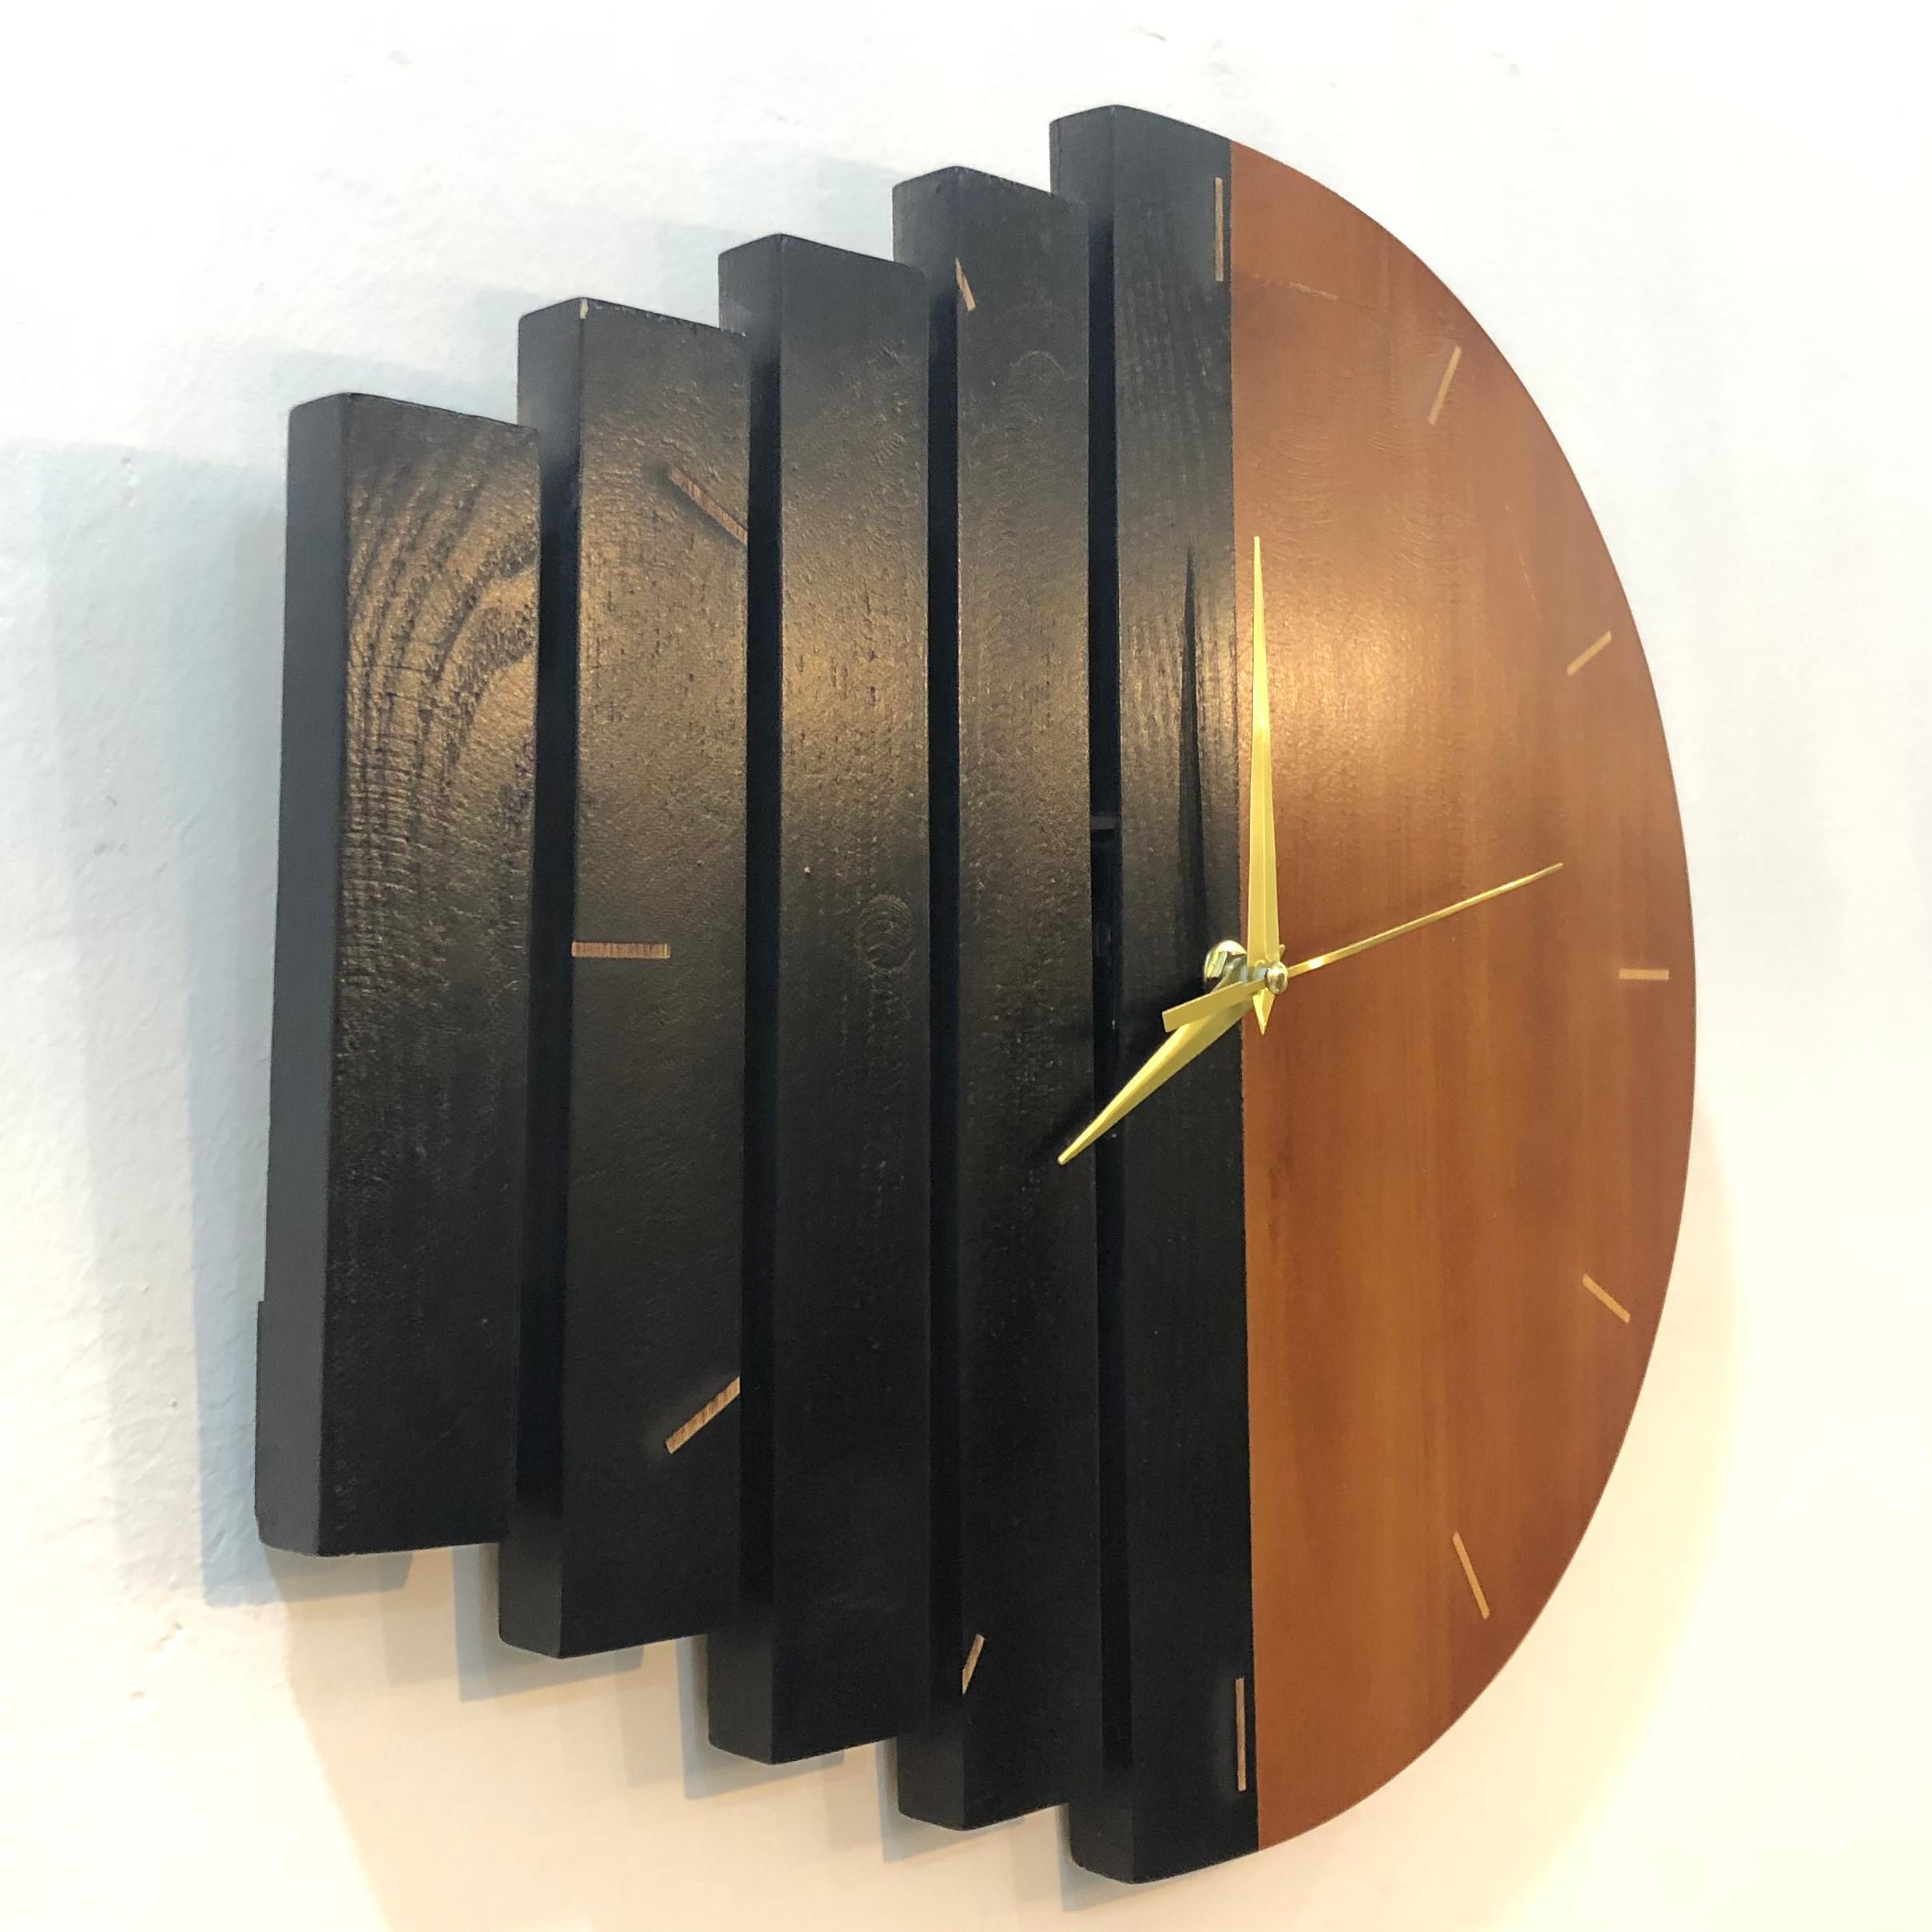 Đồng Hồ Gỗ Decor Treo Tường Mixor Clock - Mã MC01